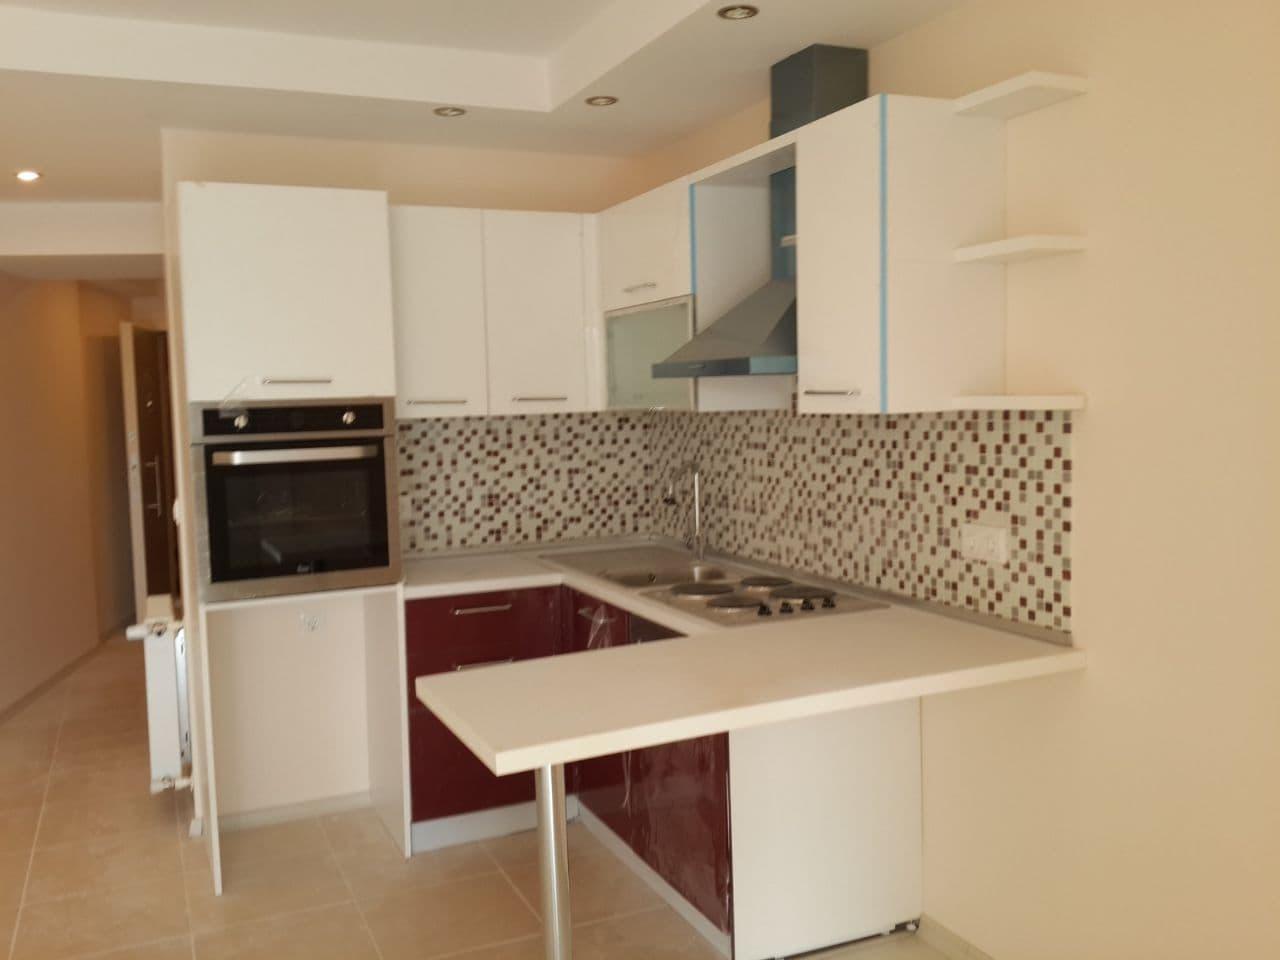 خرید خانه دست دوم در استانبول سیته پاپاتیا